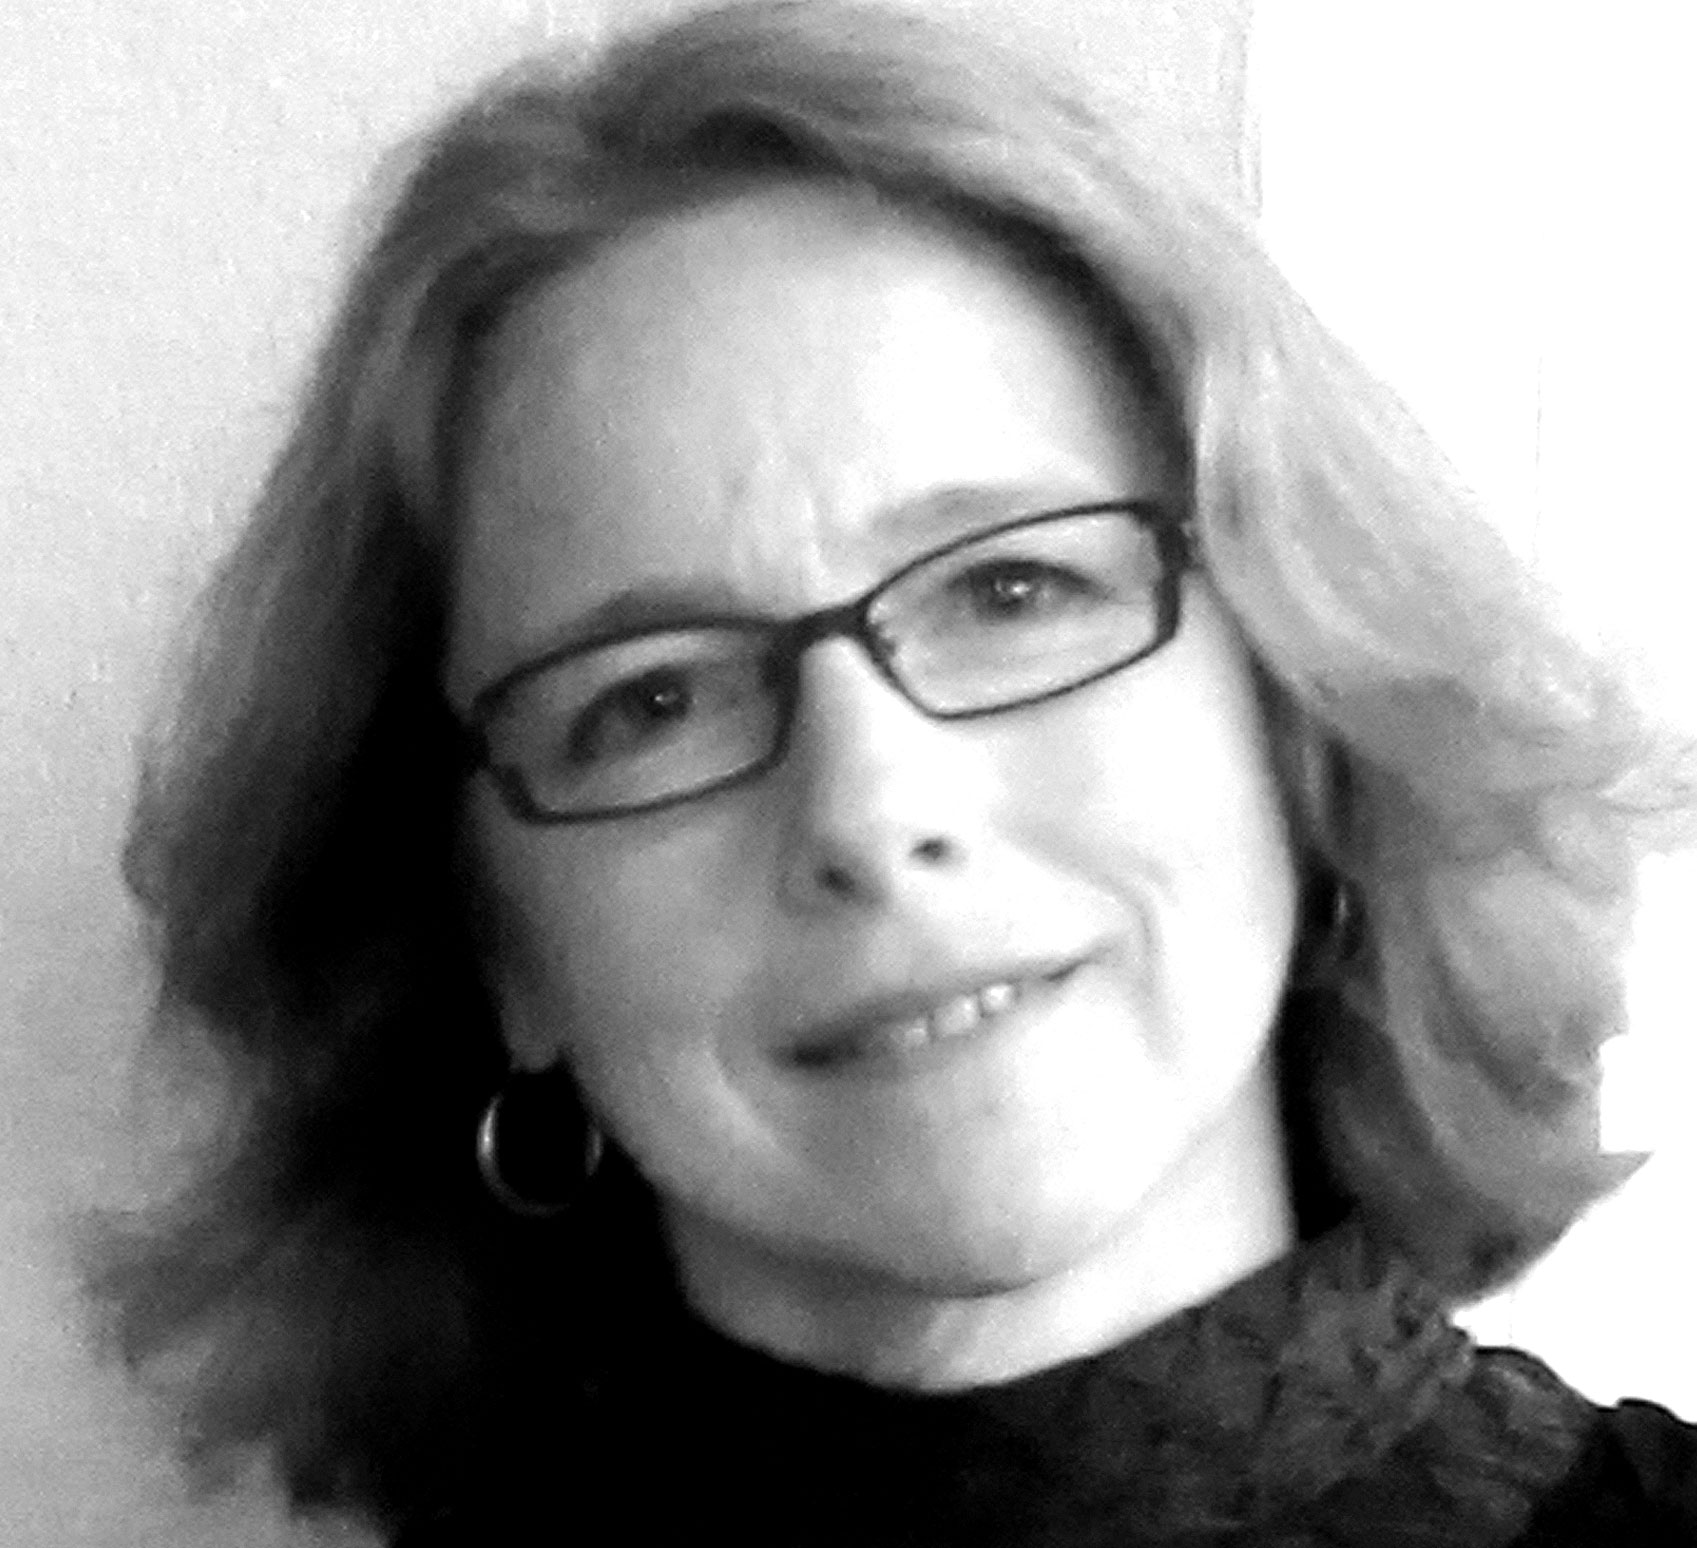 Jennifer Asselstine